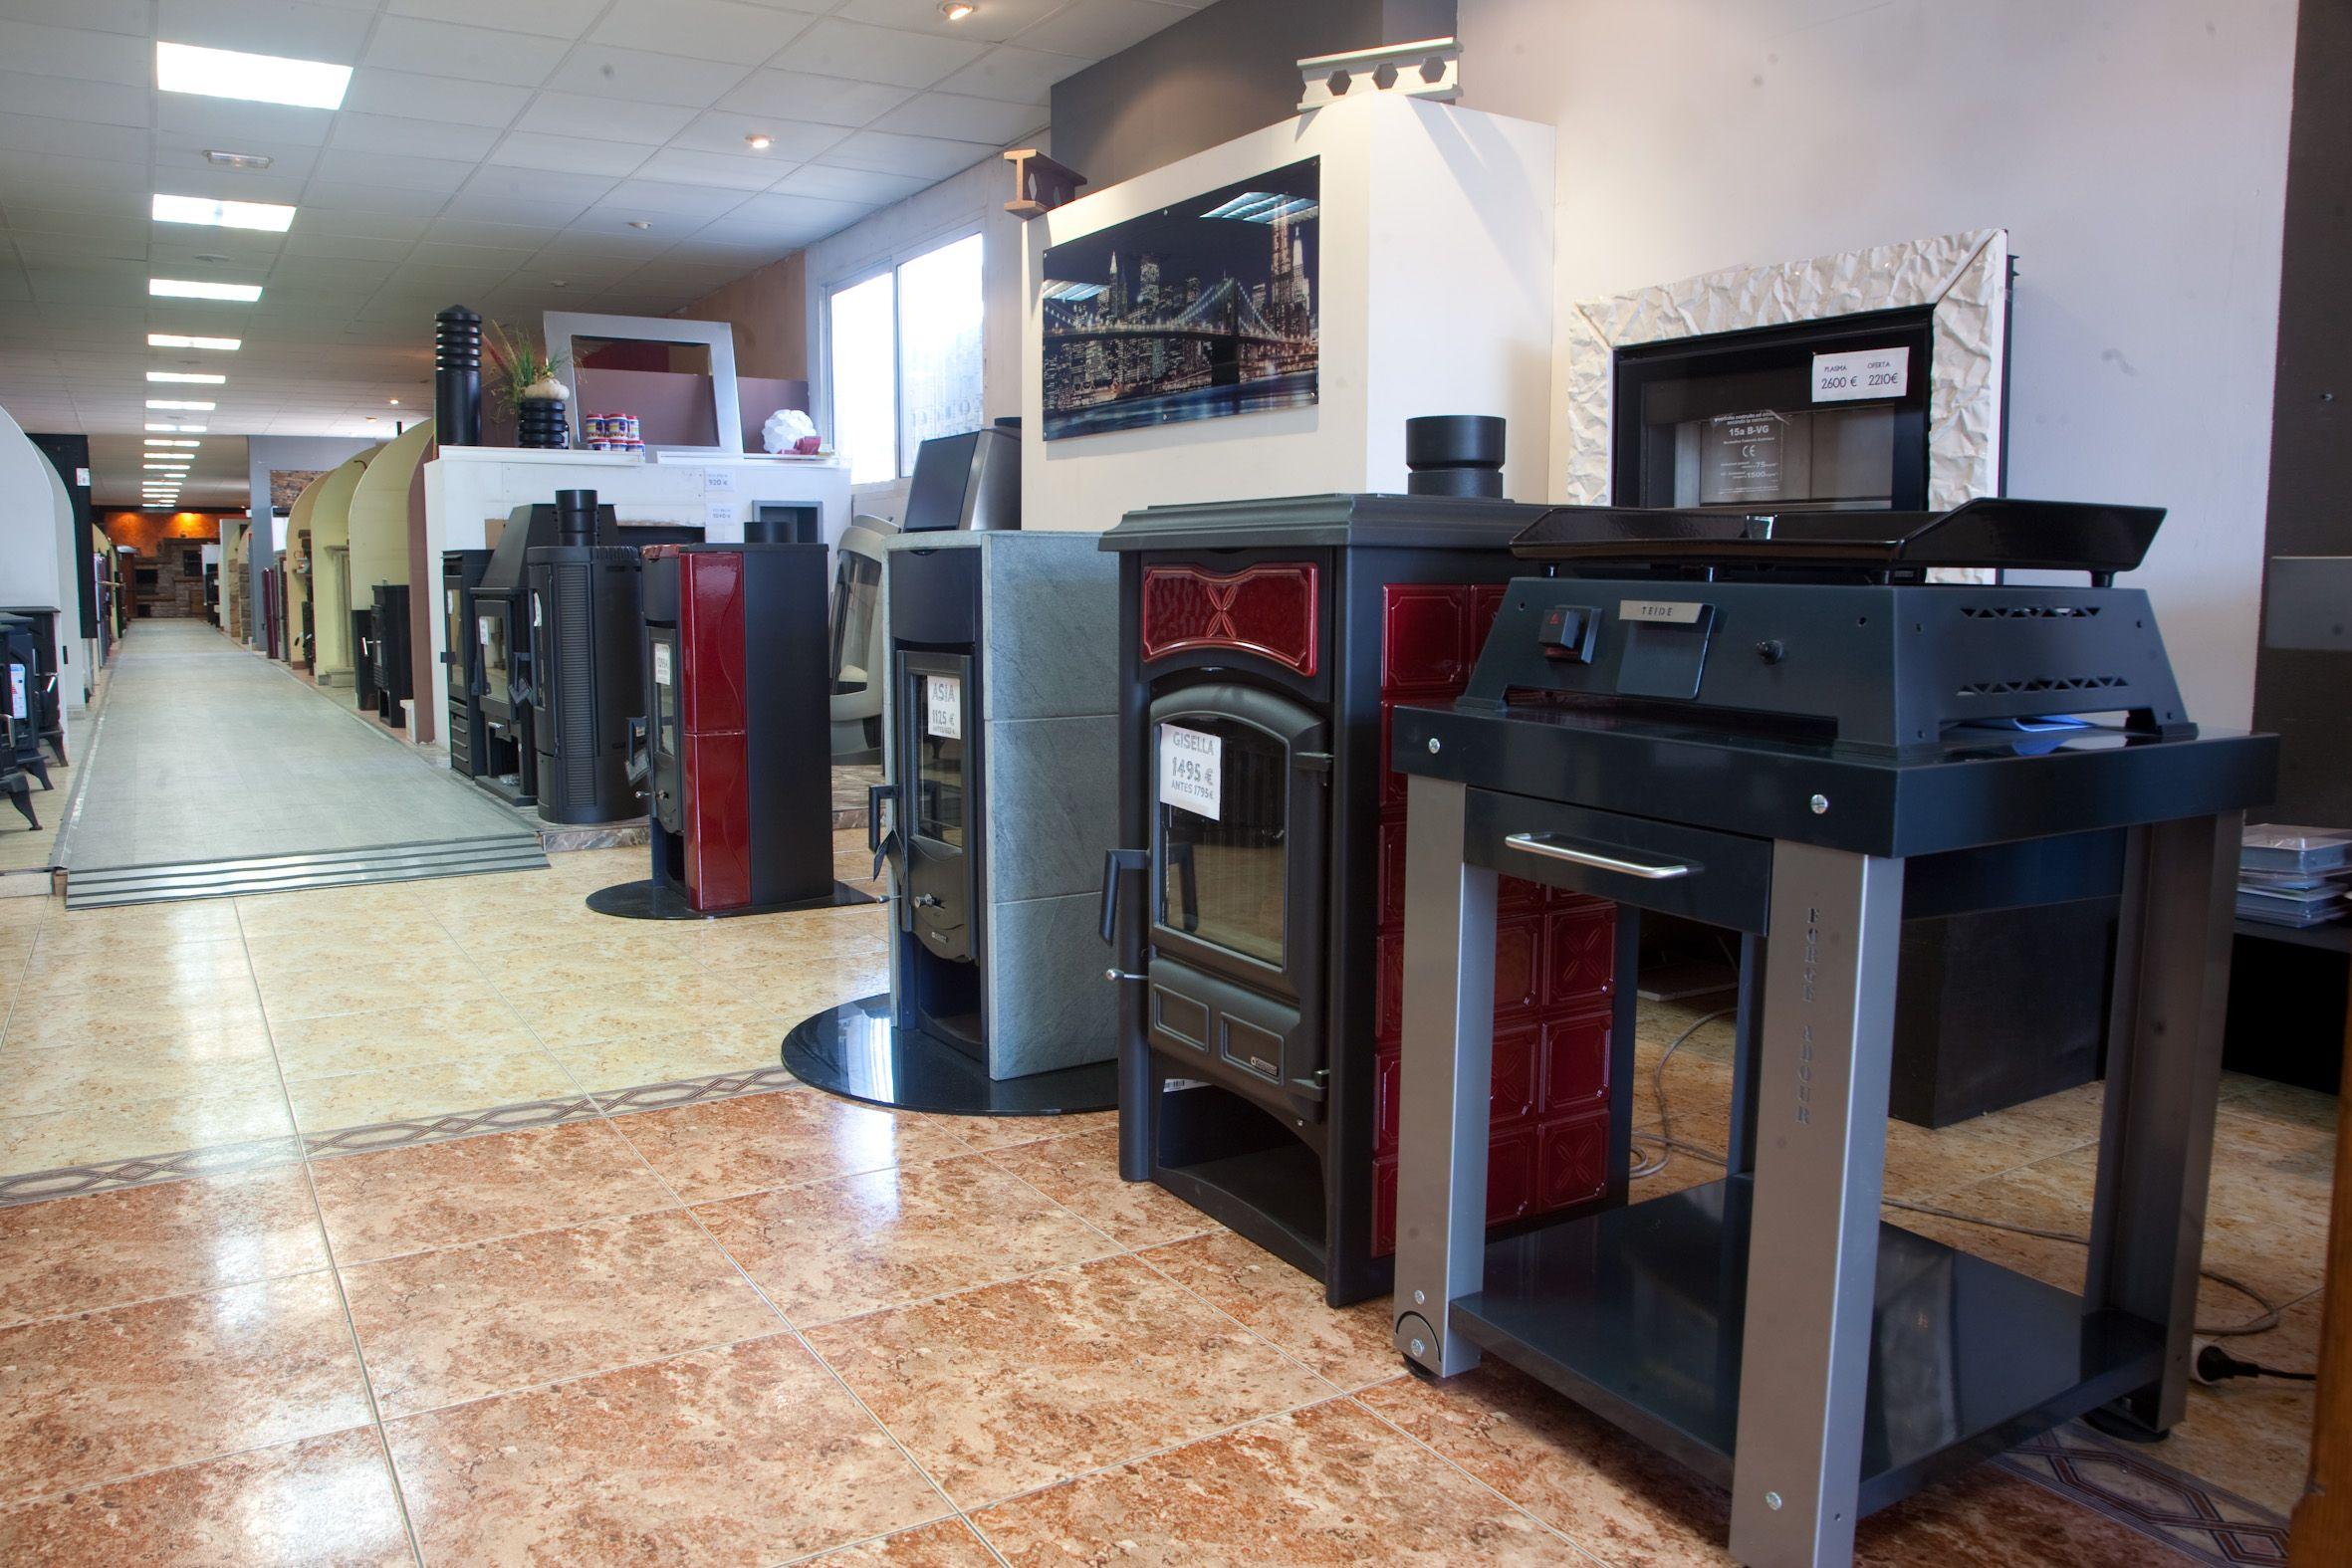 Foto 11 de Chimeneas y estufas en Villanueva de Gállego | Chimeneas López